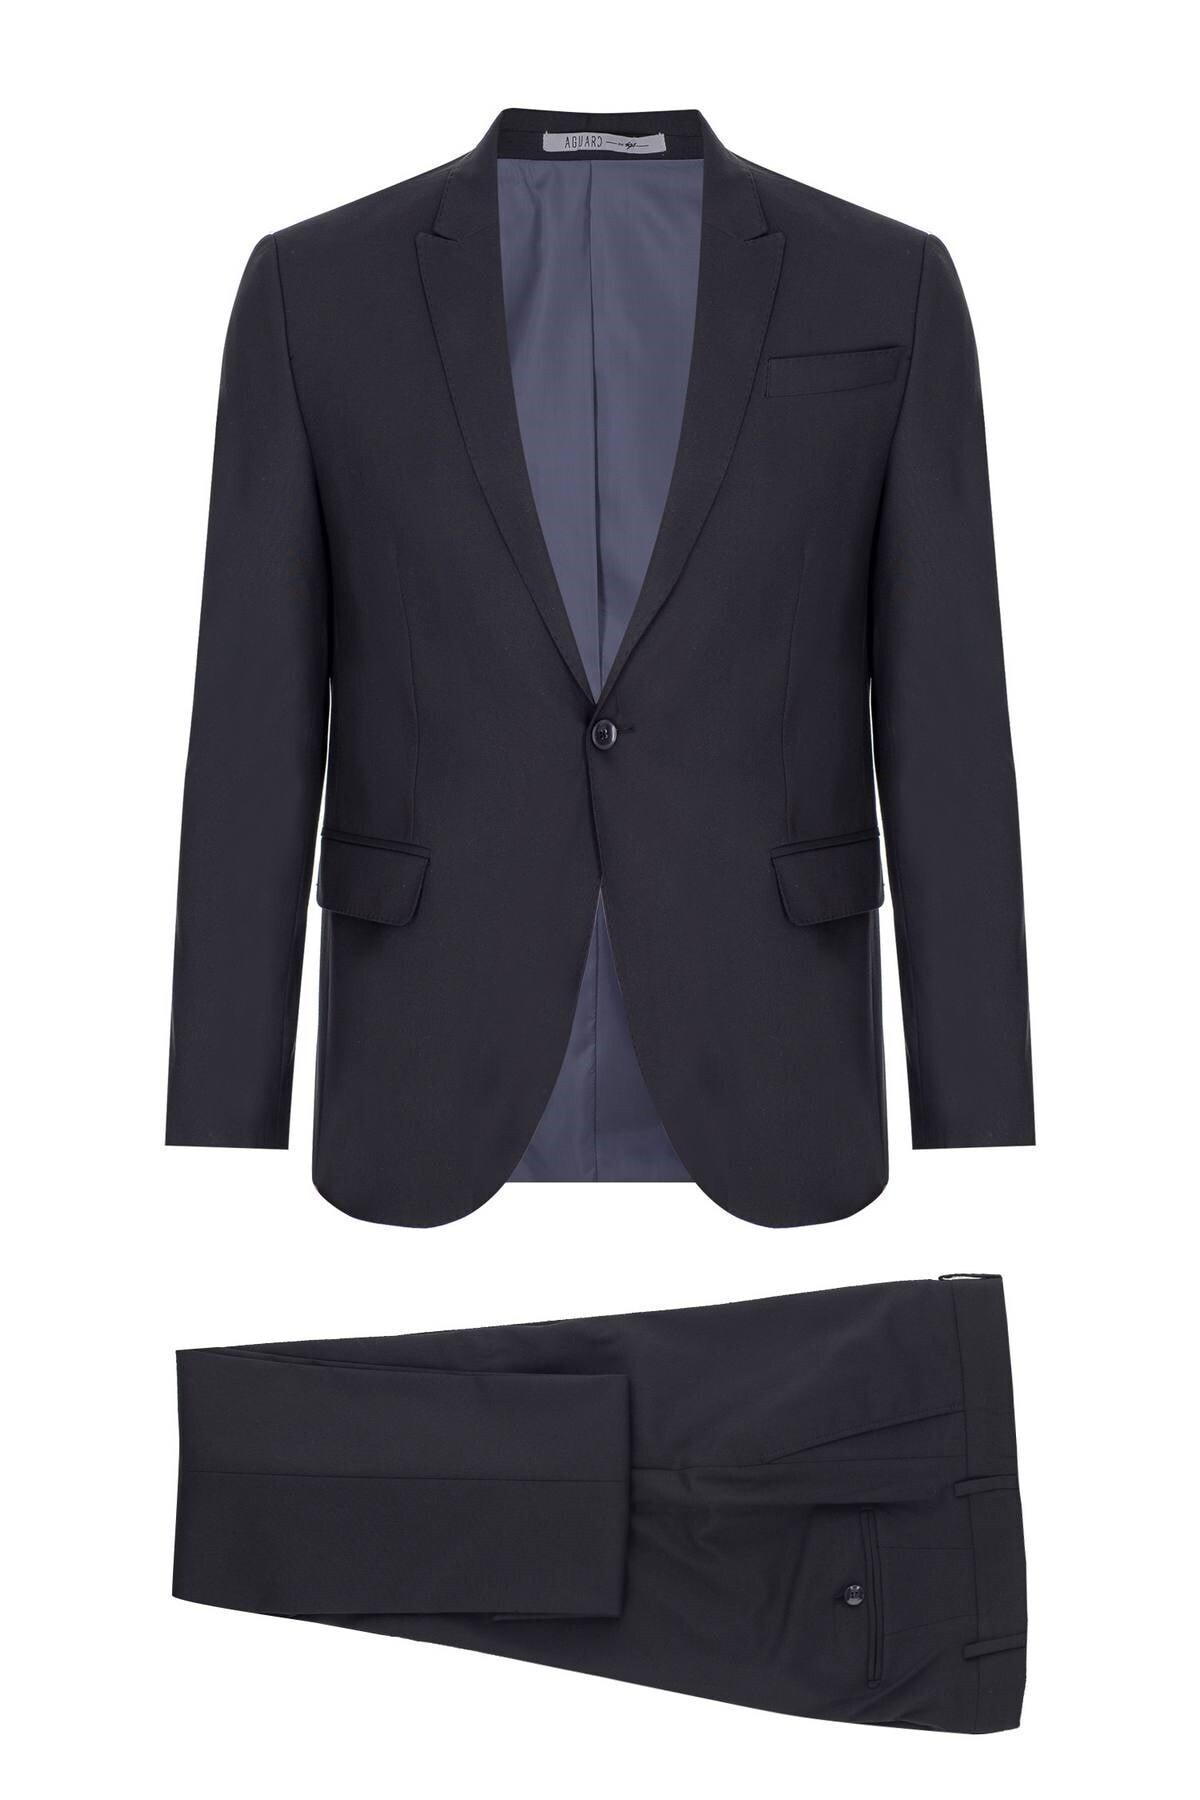 İgs Erkek K.lacivert Barı / Geniş Kalıp Std Takım Elbise 1